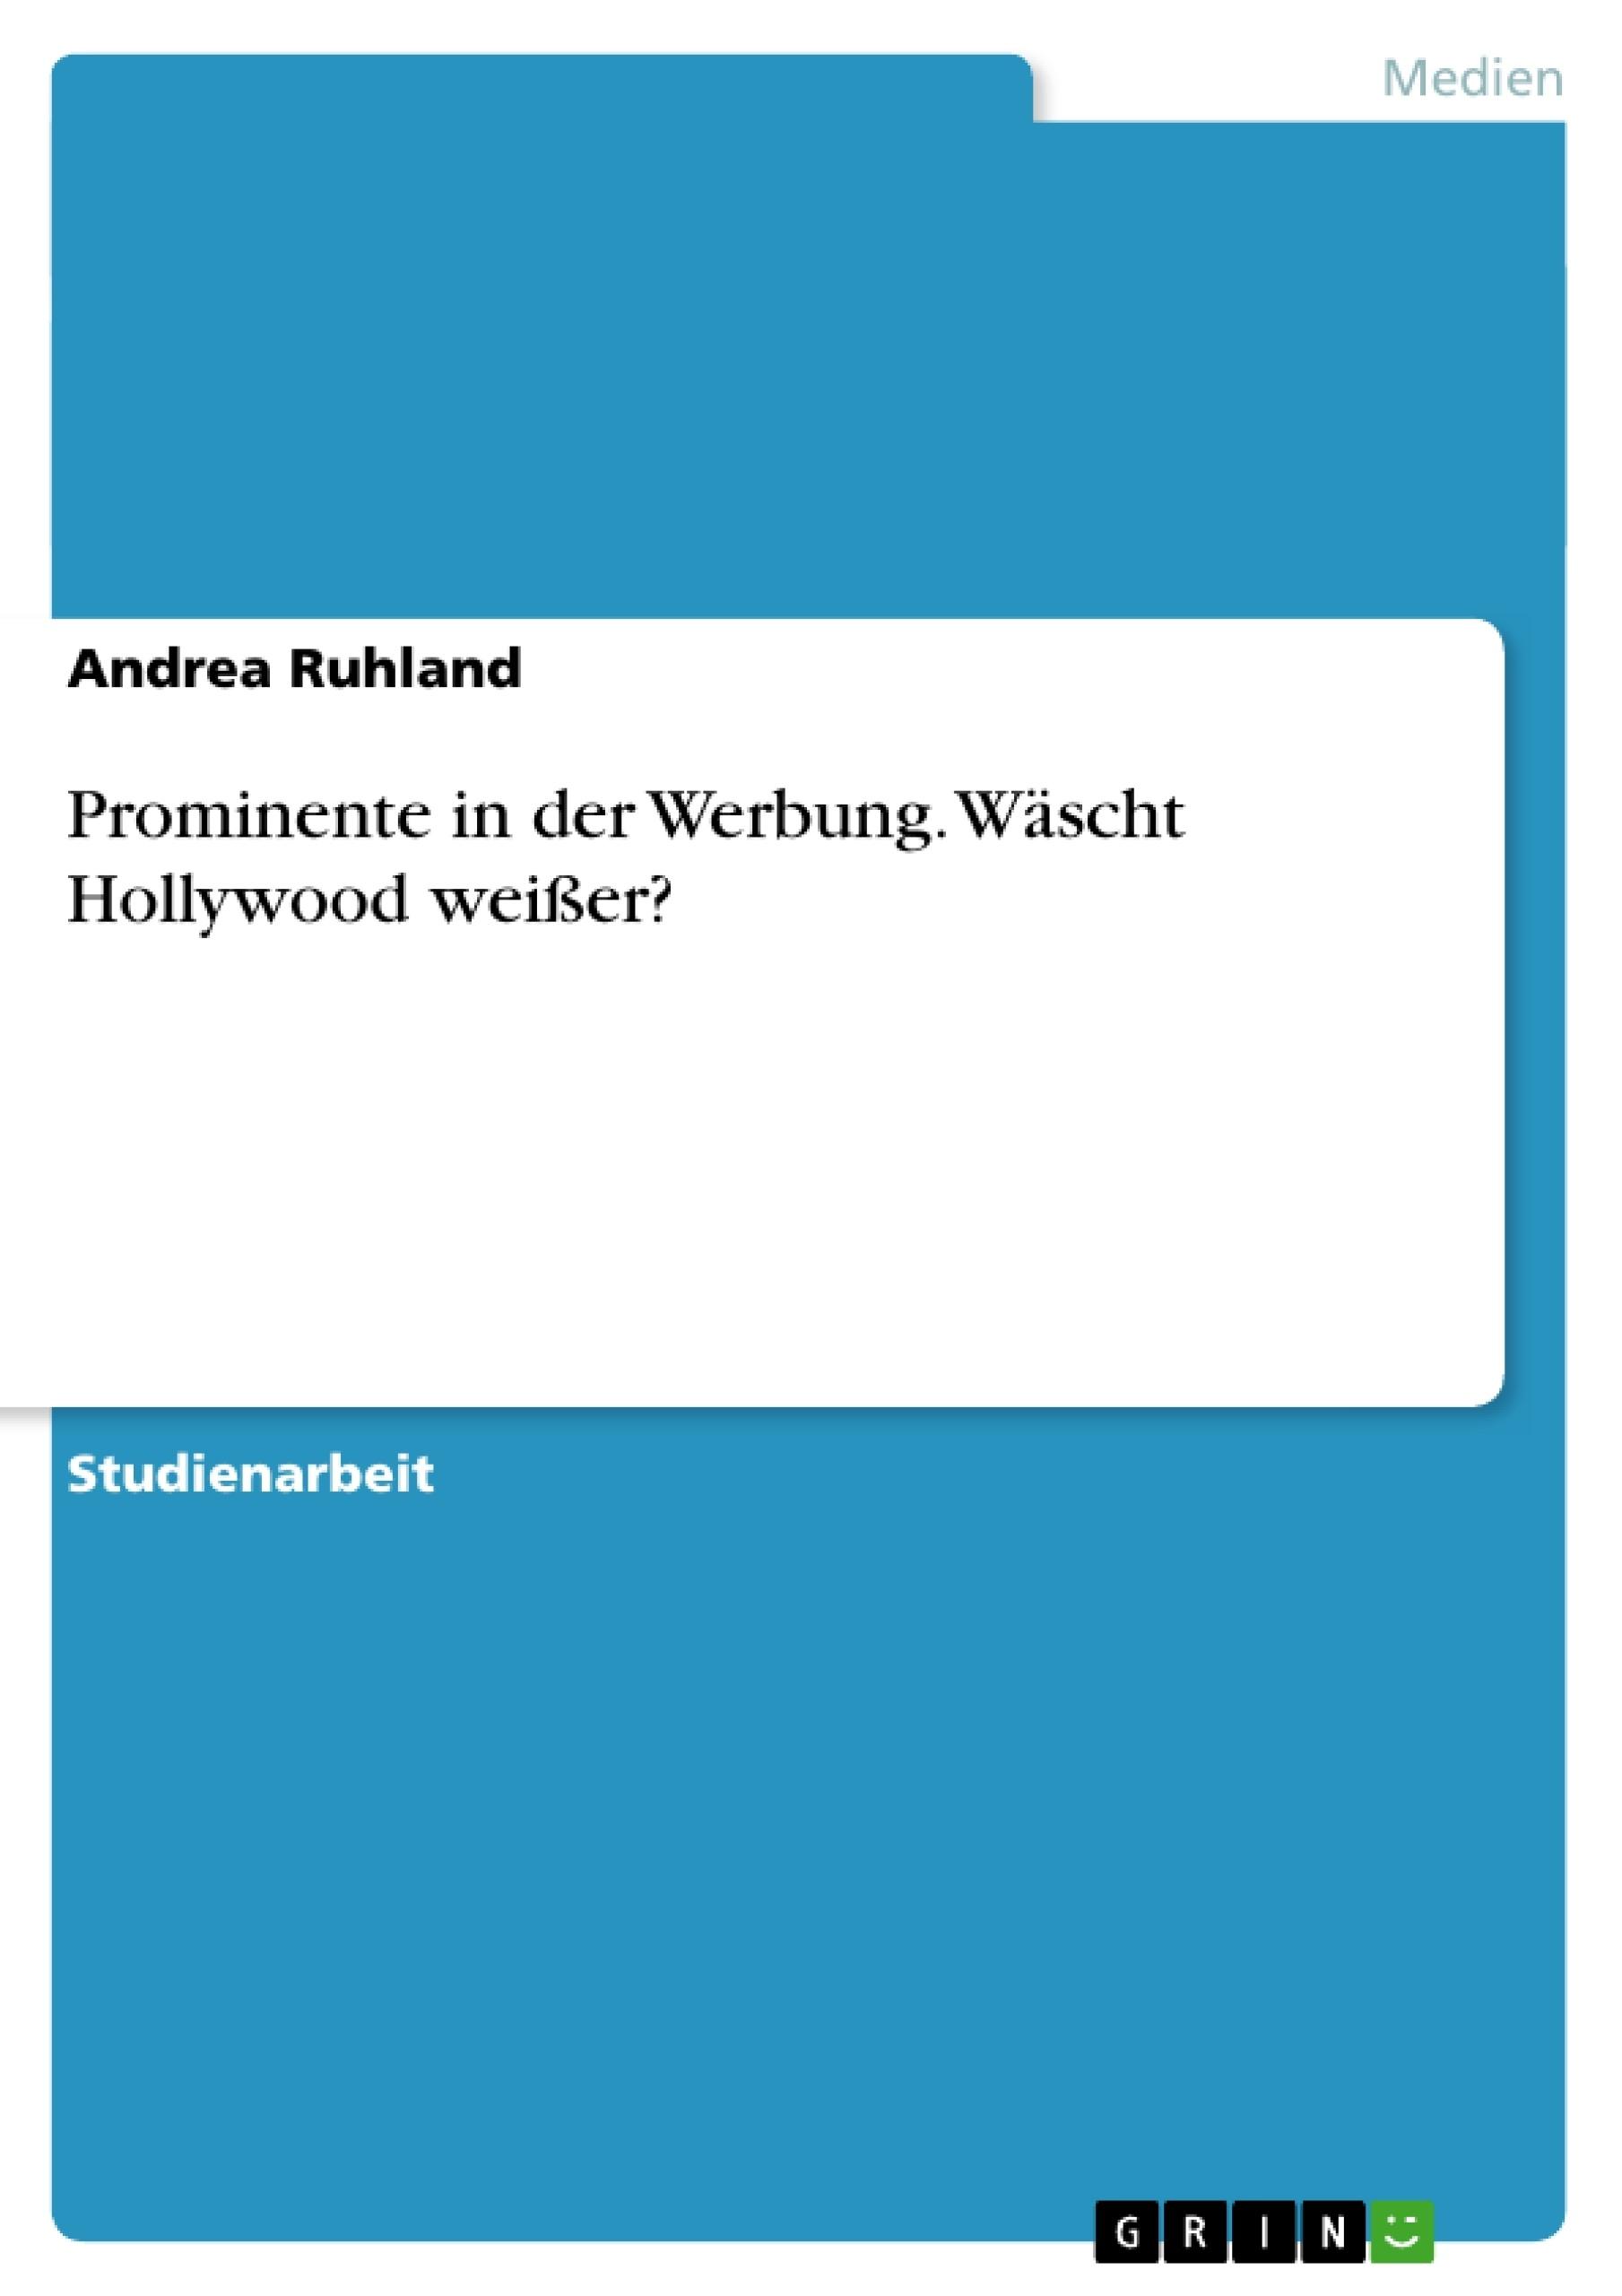 Titel: Prominente in der Werbung. Wäscht Hollywood weißer?